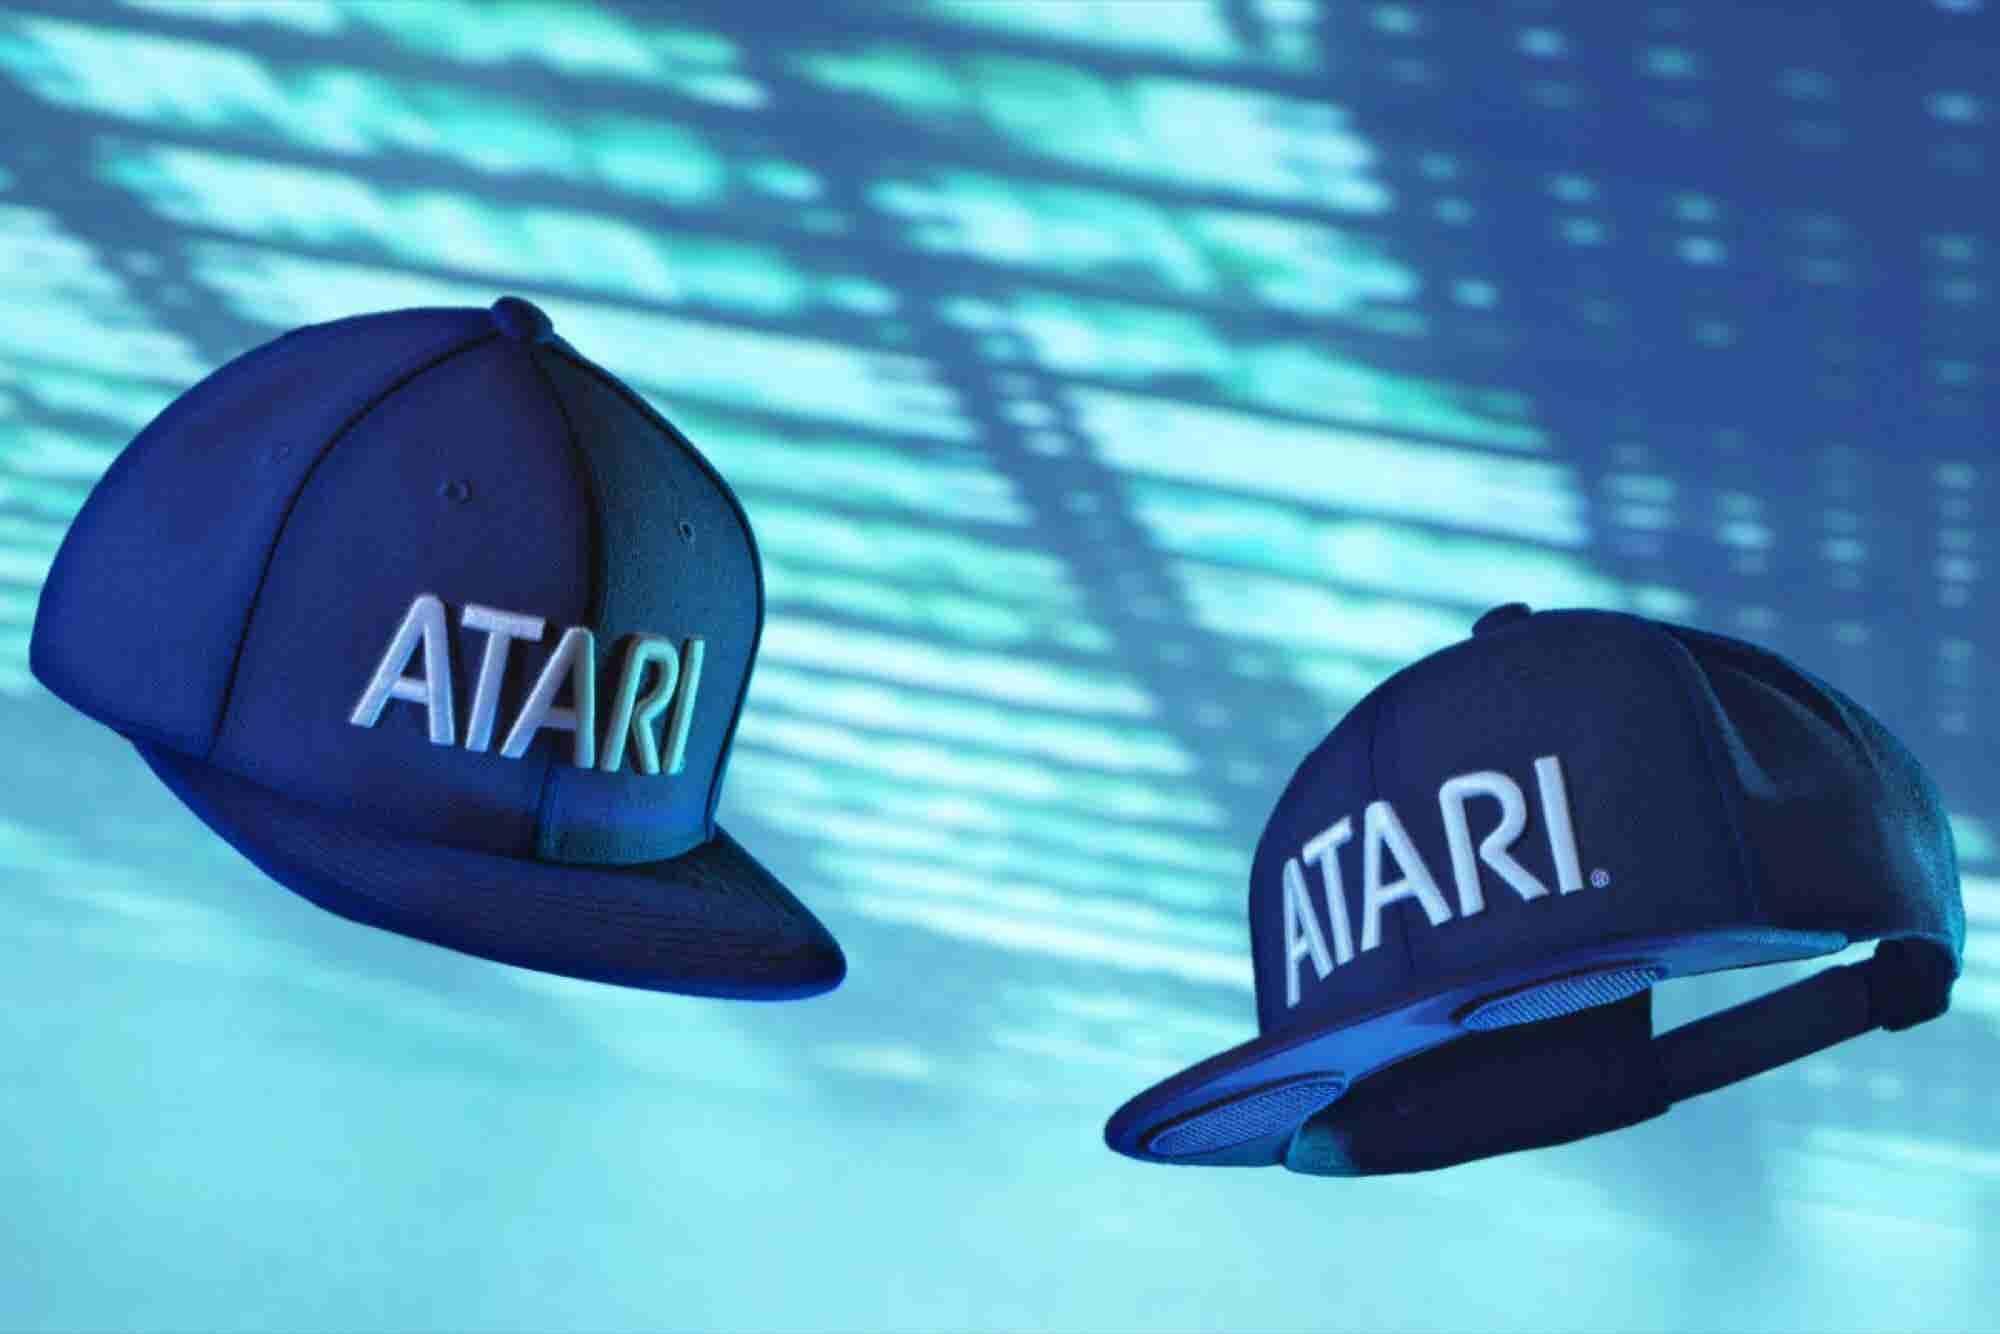 Atari Is Beta Testing a Speakerhat